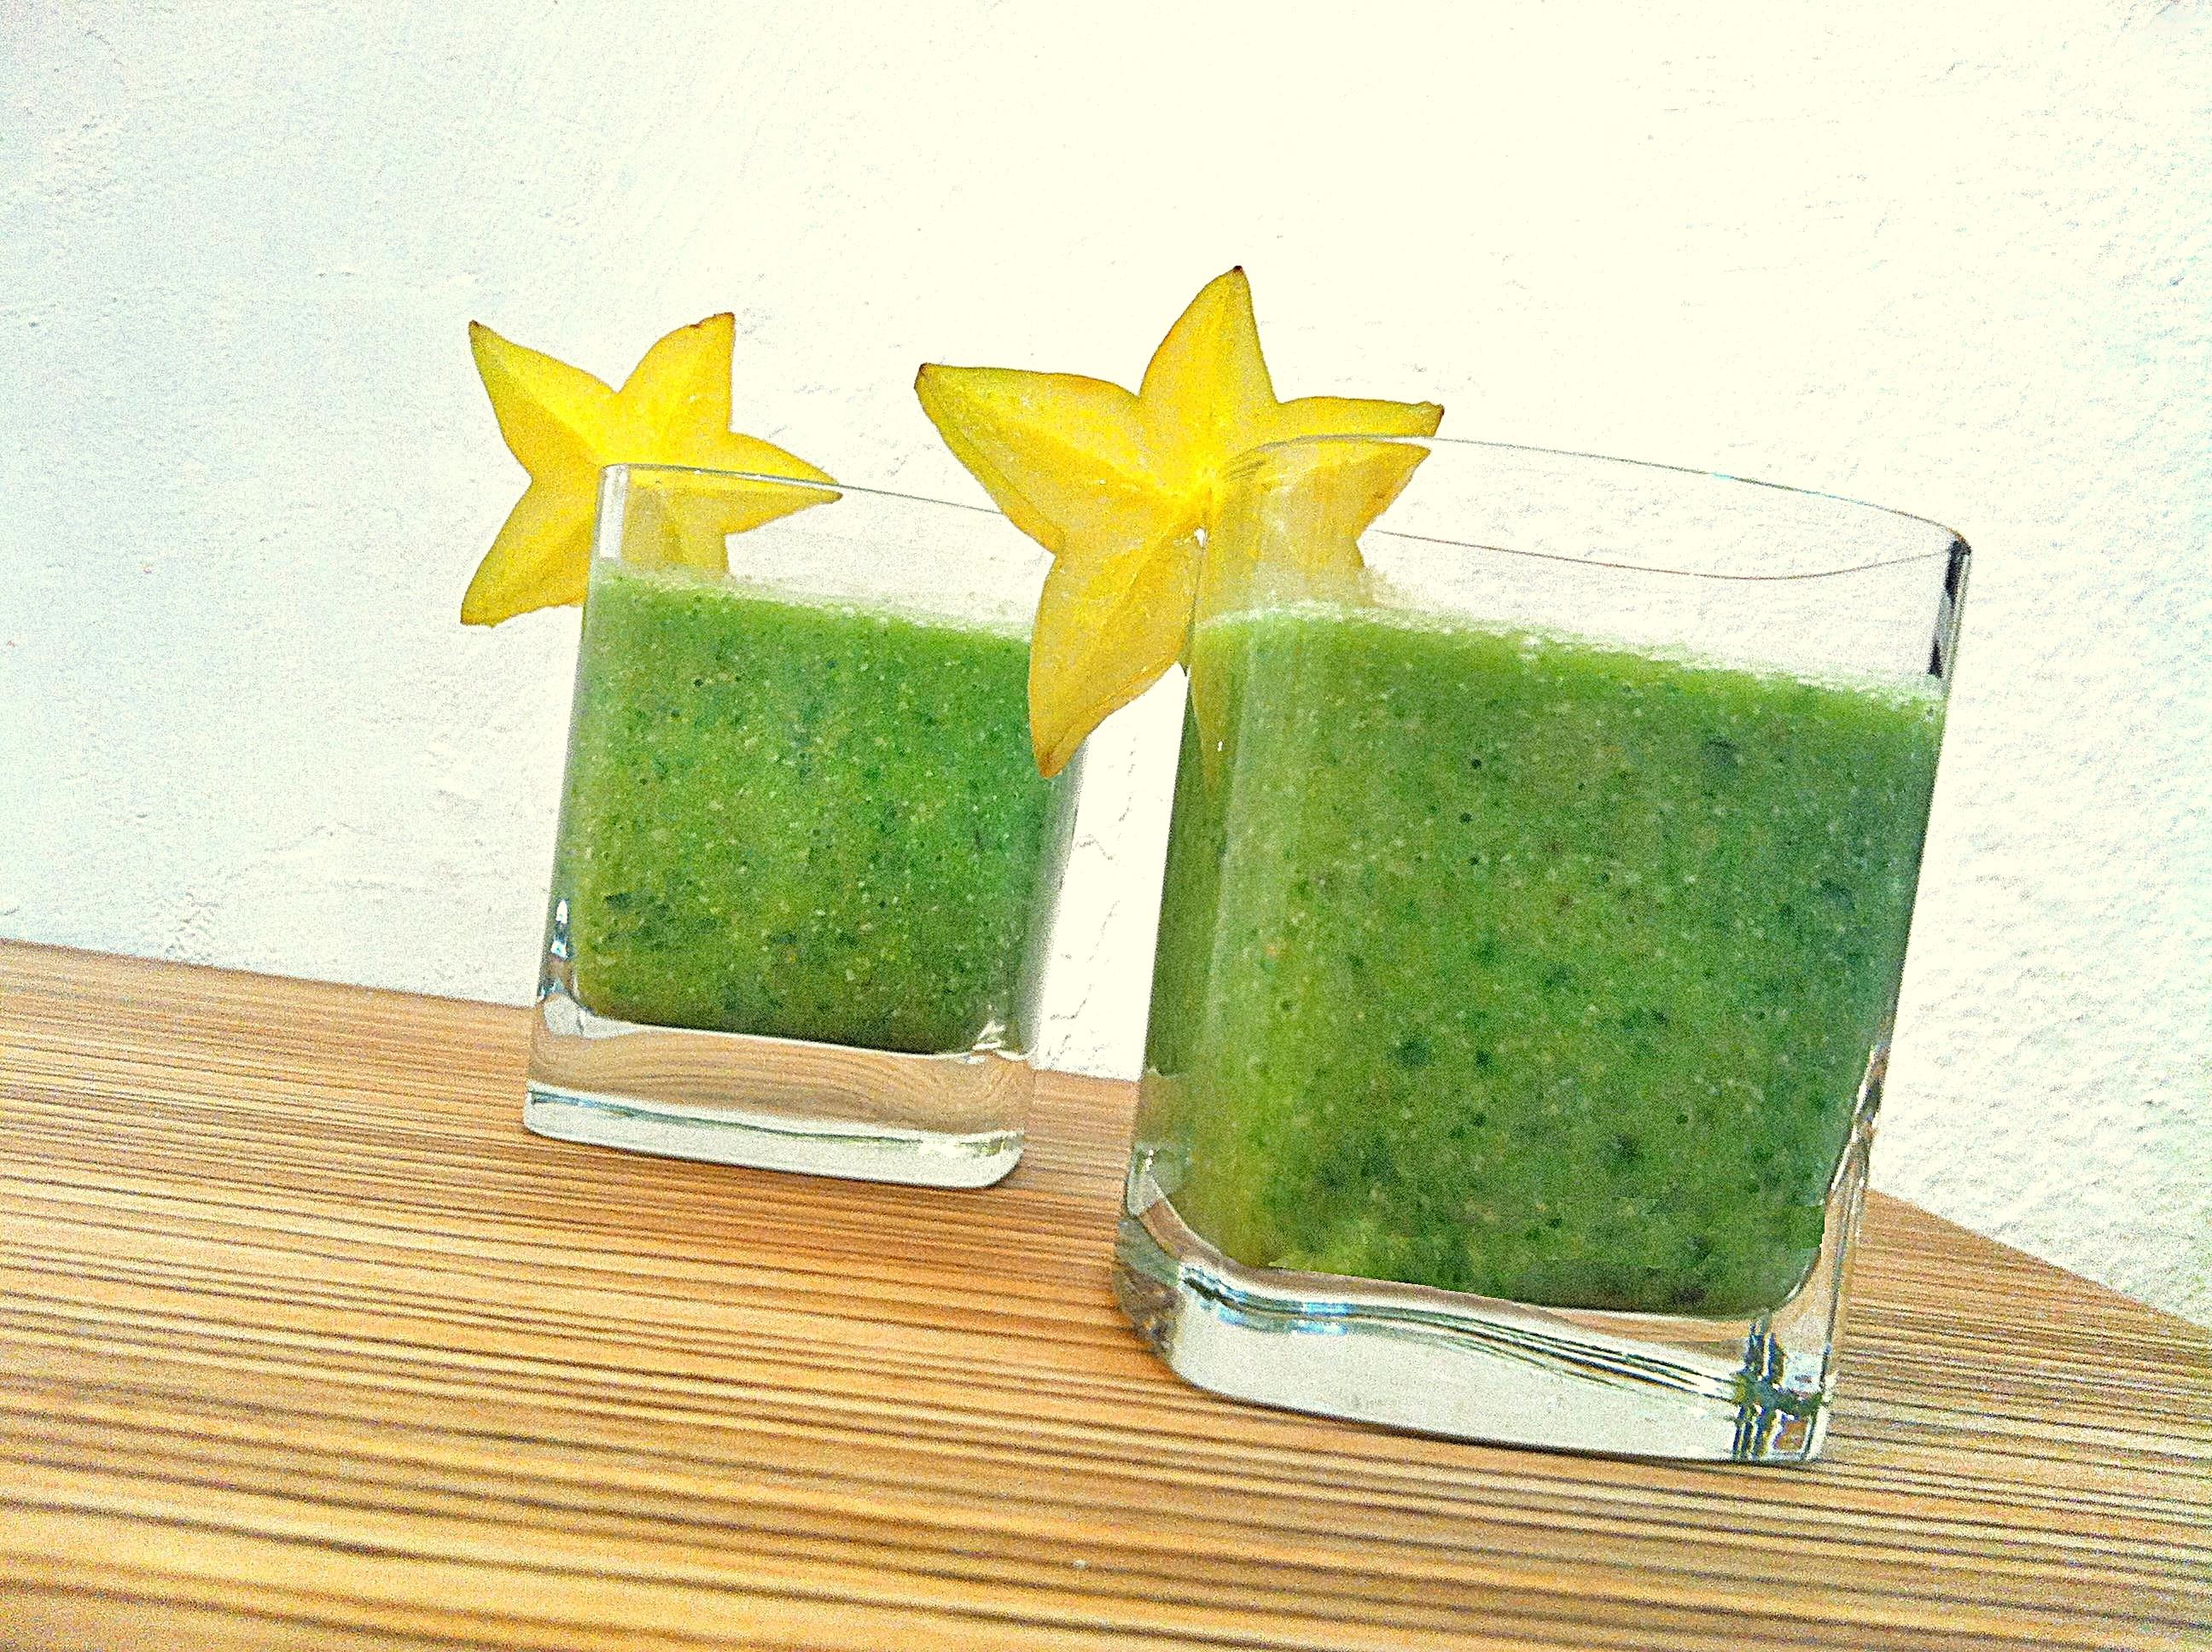 שייק בריאות קרמבולה - שייק ירוק טבעוני מתכון של יעלי שוחט